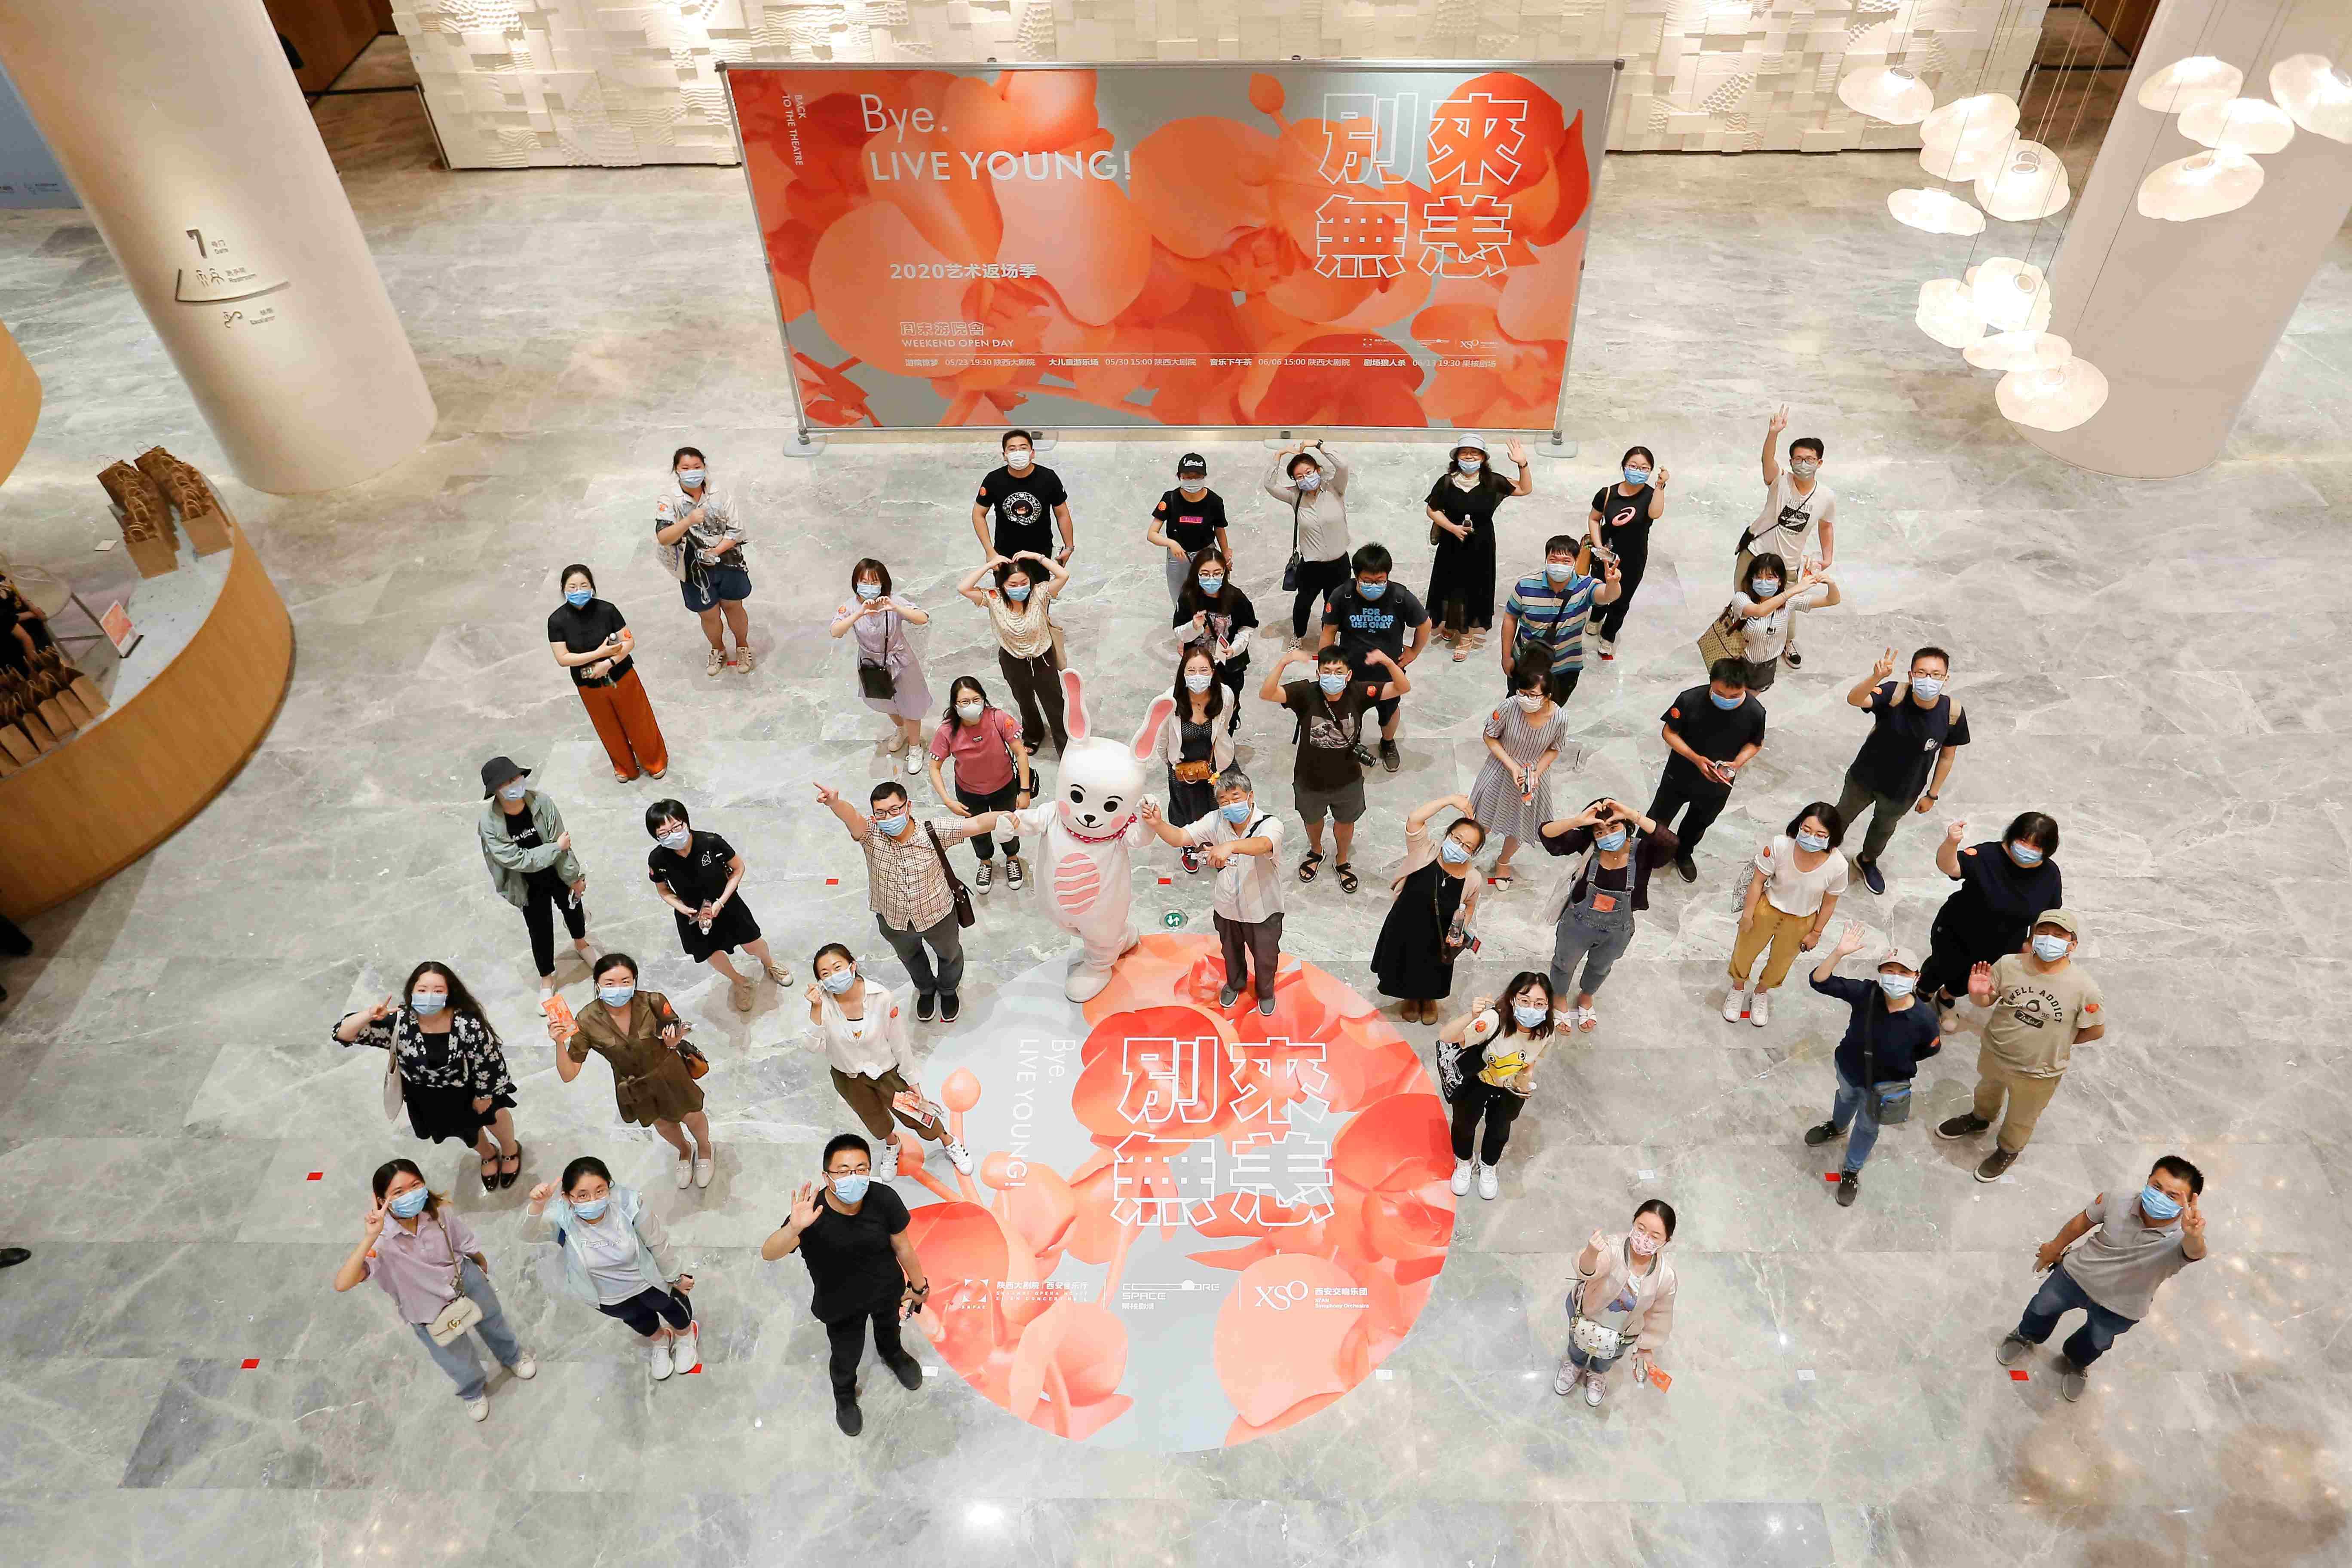 陕西大剧院、西安音乐厅2020下半年演出季发布